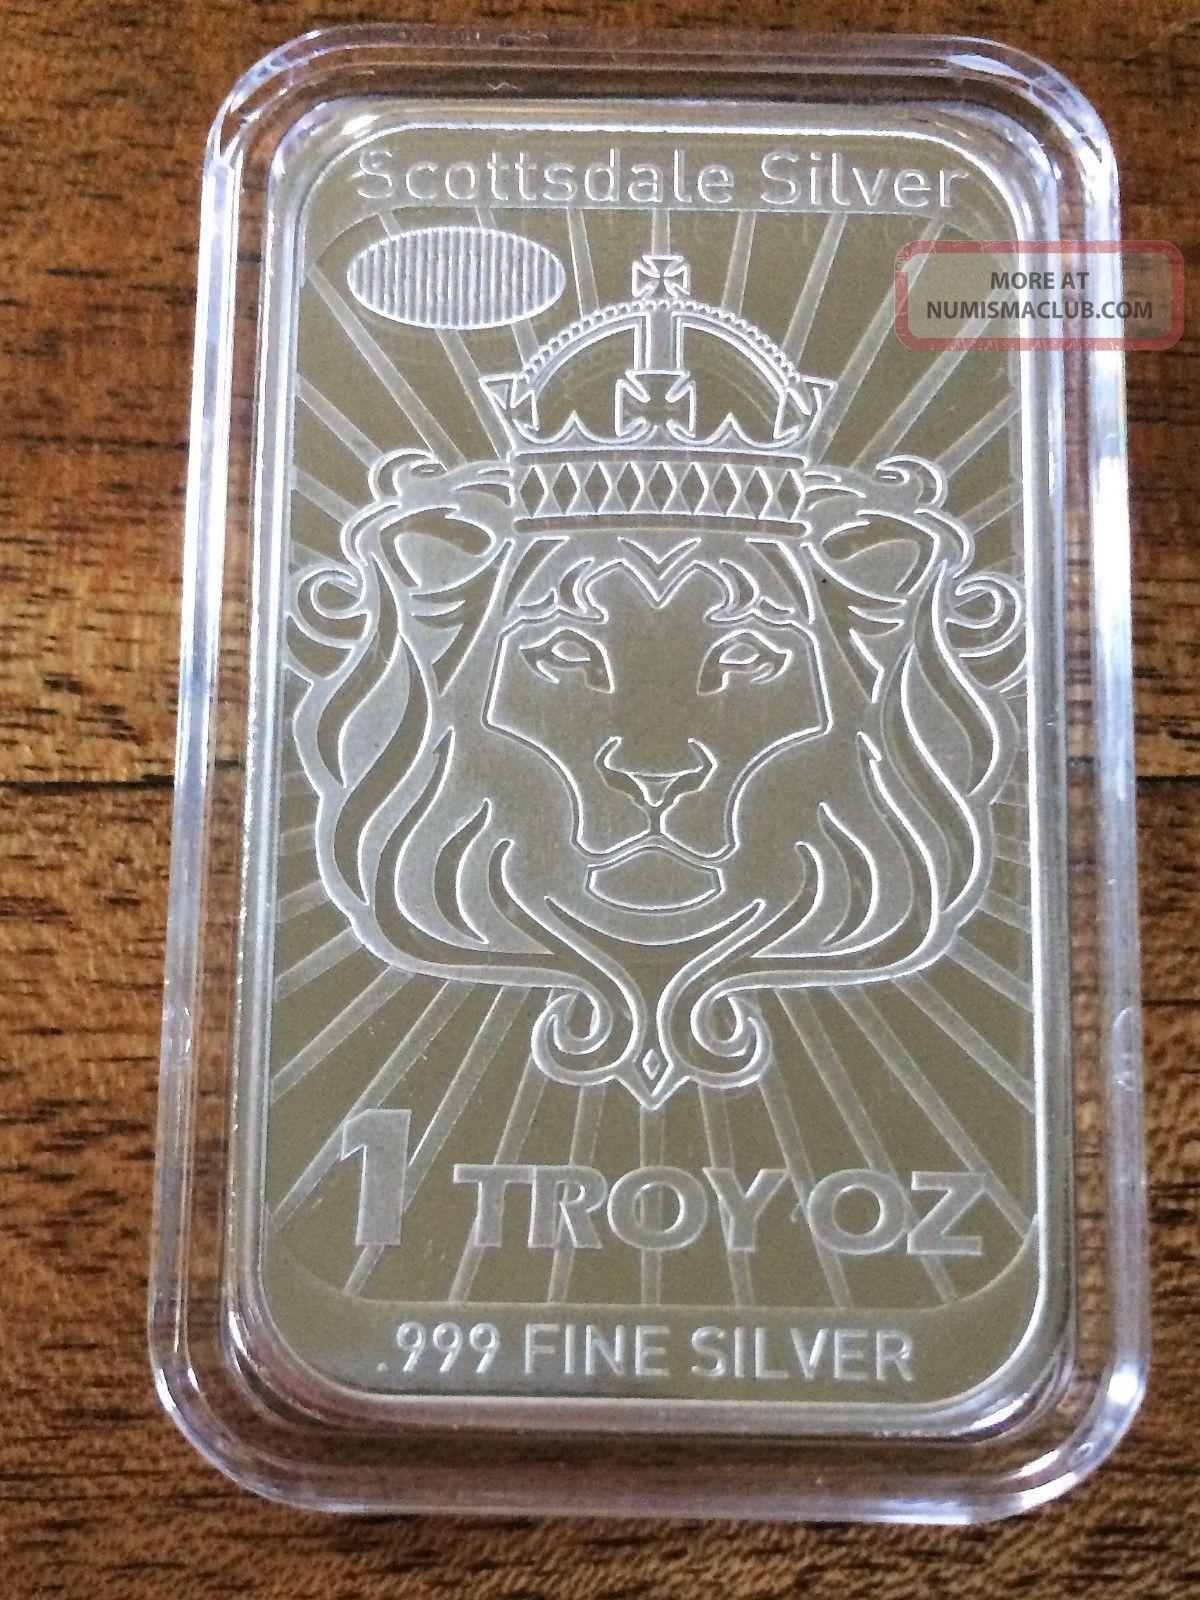 1oz 2014 Scottsdale Silver Niue Coinbar - Coin Bar -.  999 Silver Legal Tender Silver photo